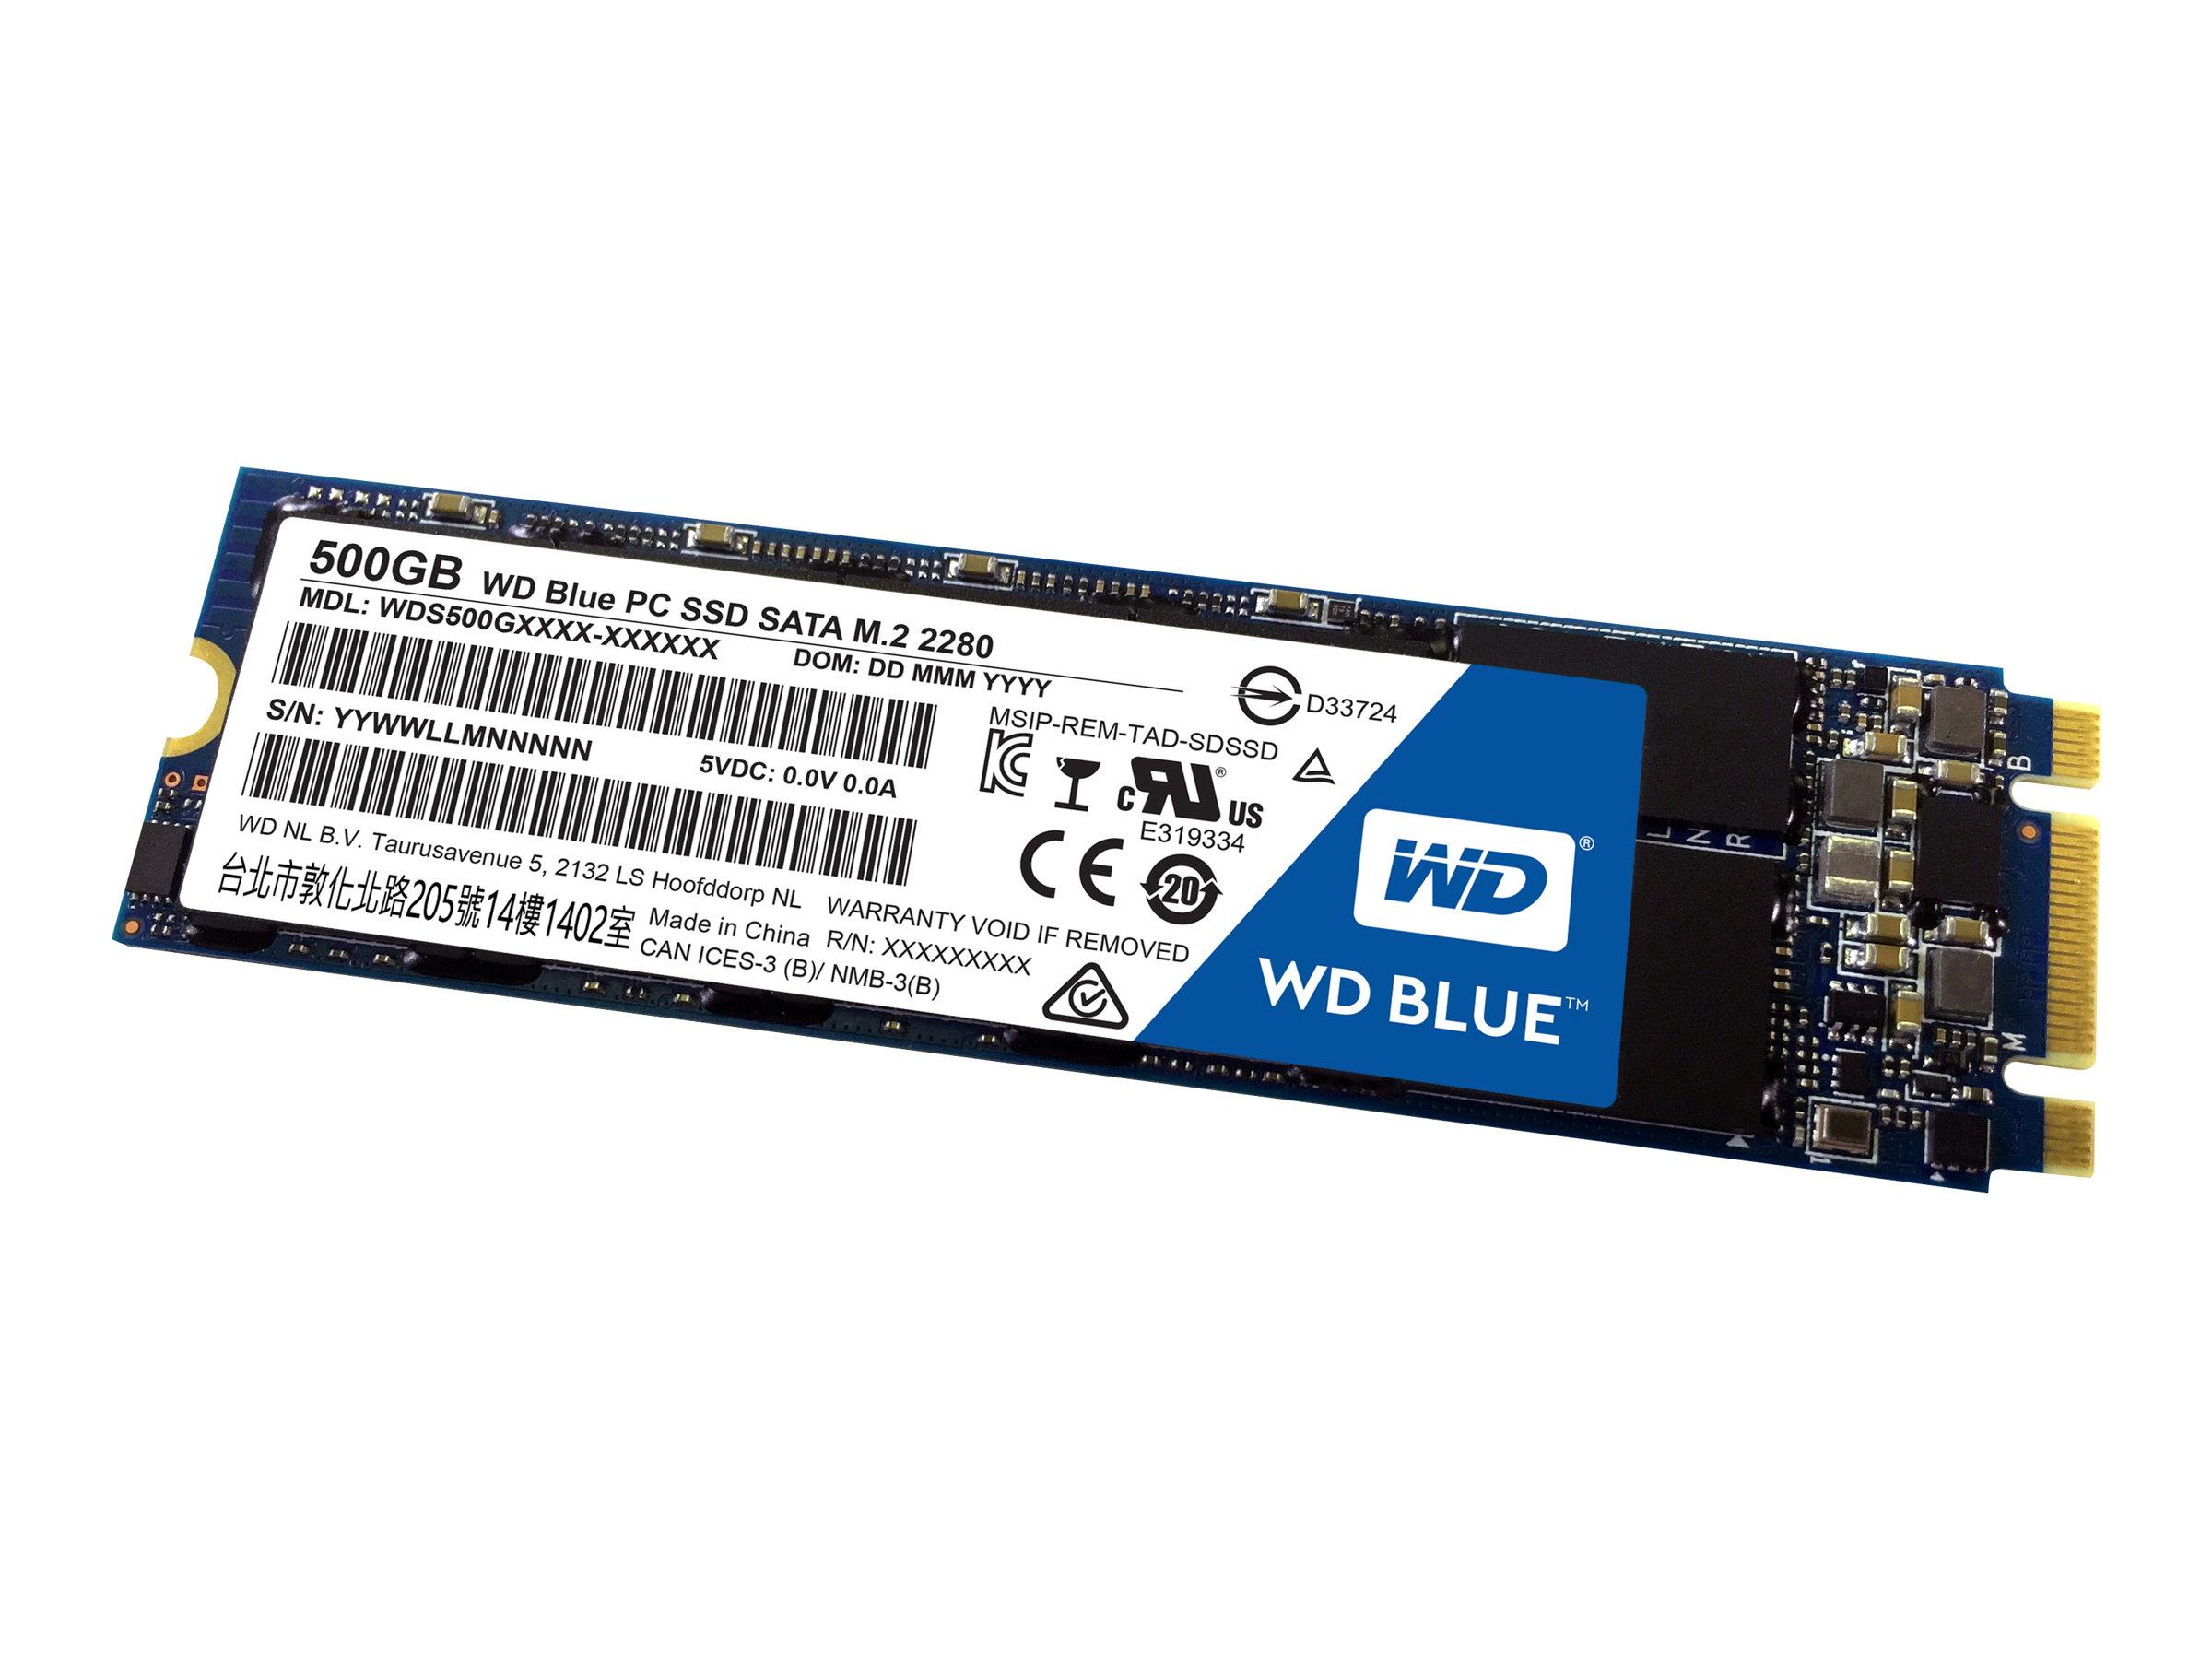 WD BLUE PC SSD M.2 2280 500GB WDS500G1B0B